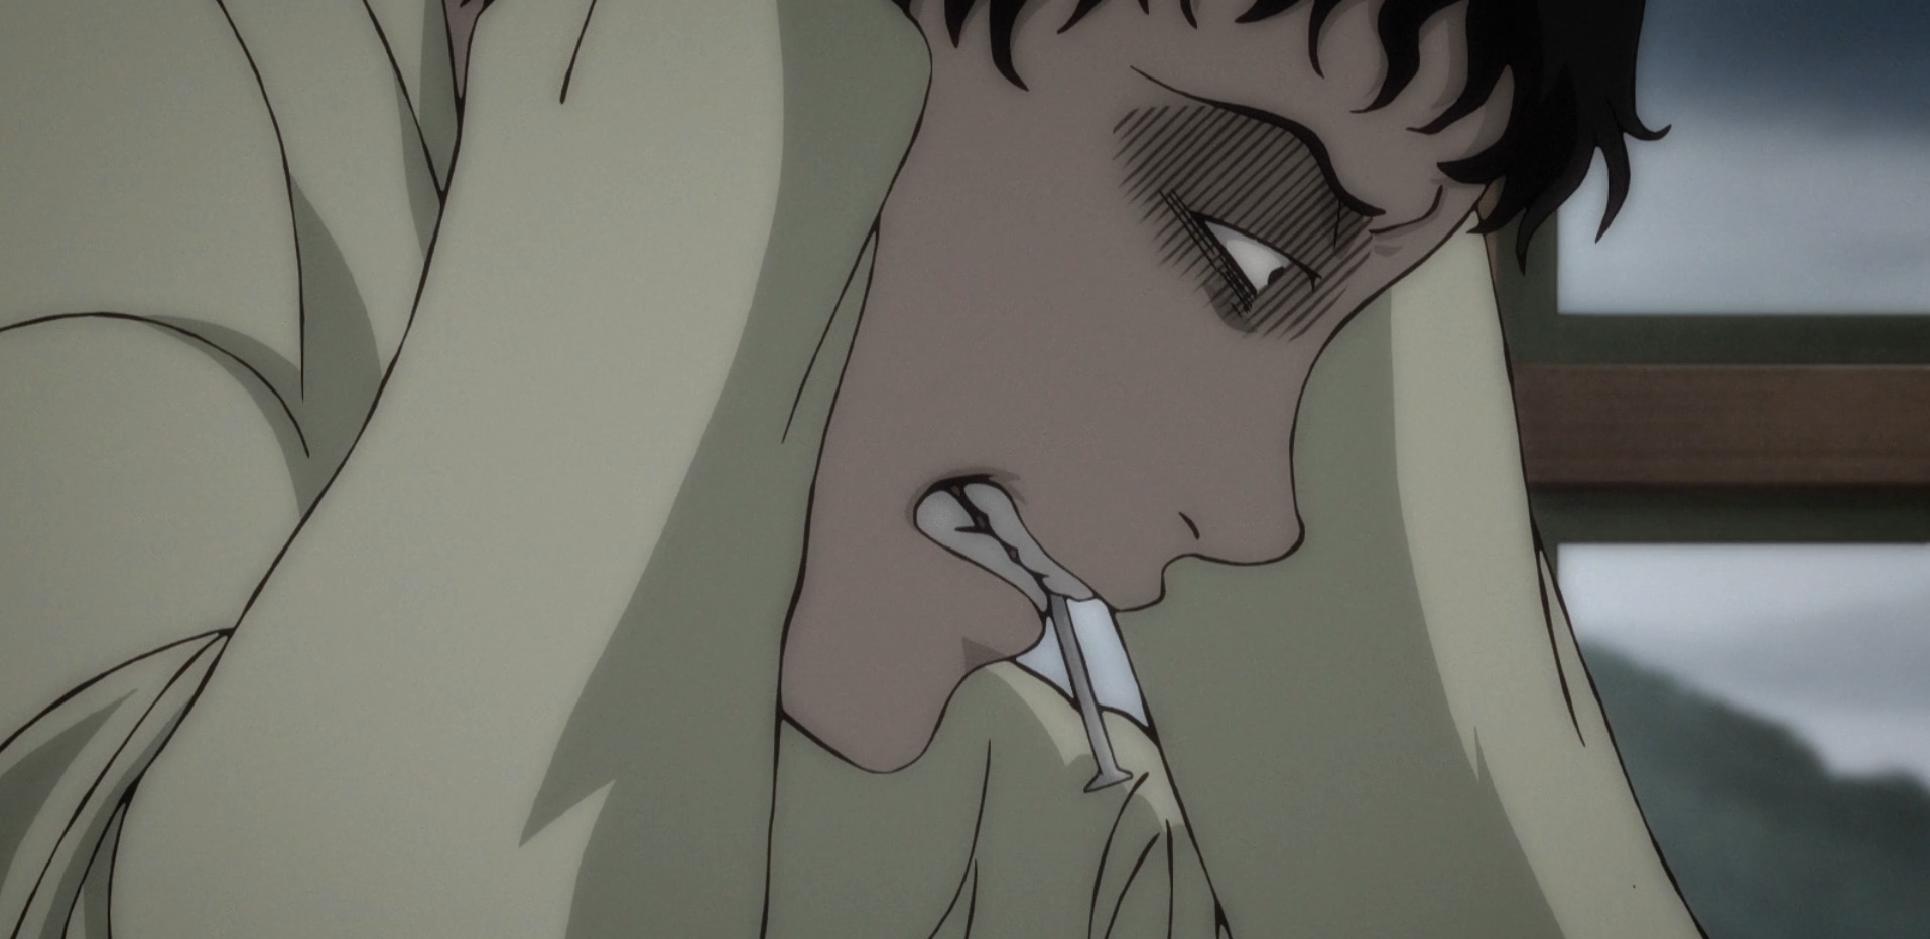 Souichi's Convenient Curse